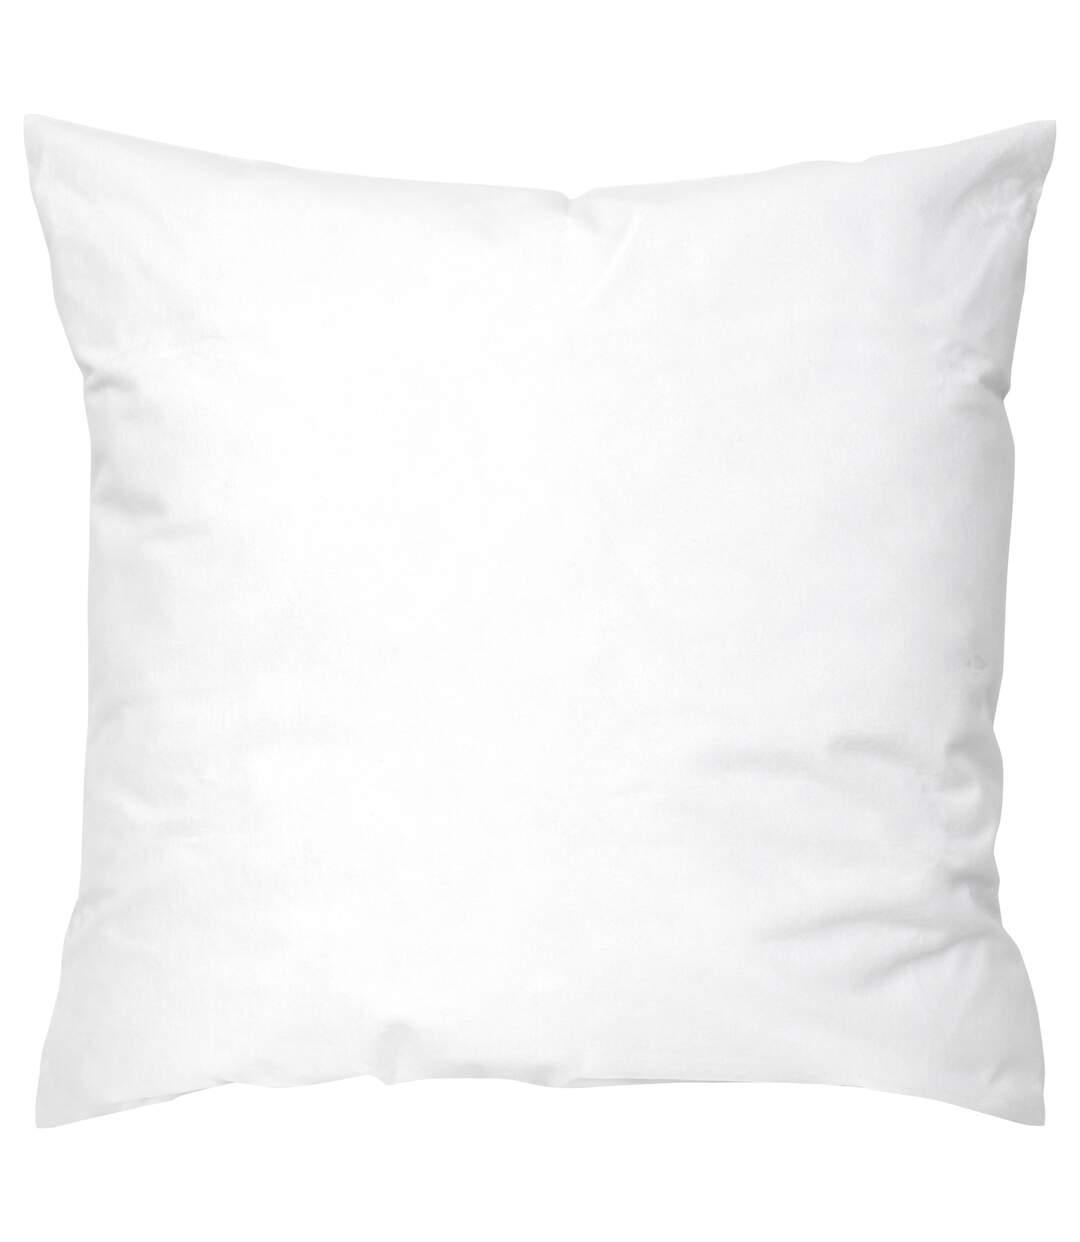 Housse de protection d'oreiller imperméable 80x80 cm ARNON molleton 100% coton contrecollé polyuréthane